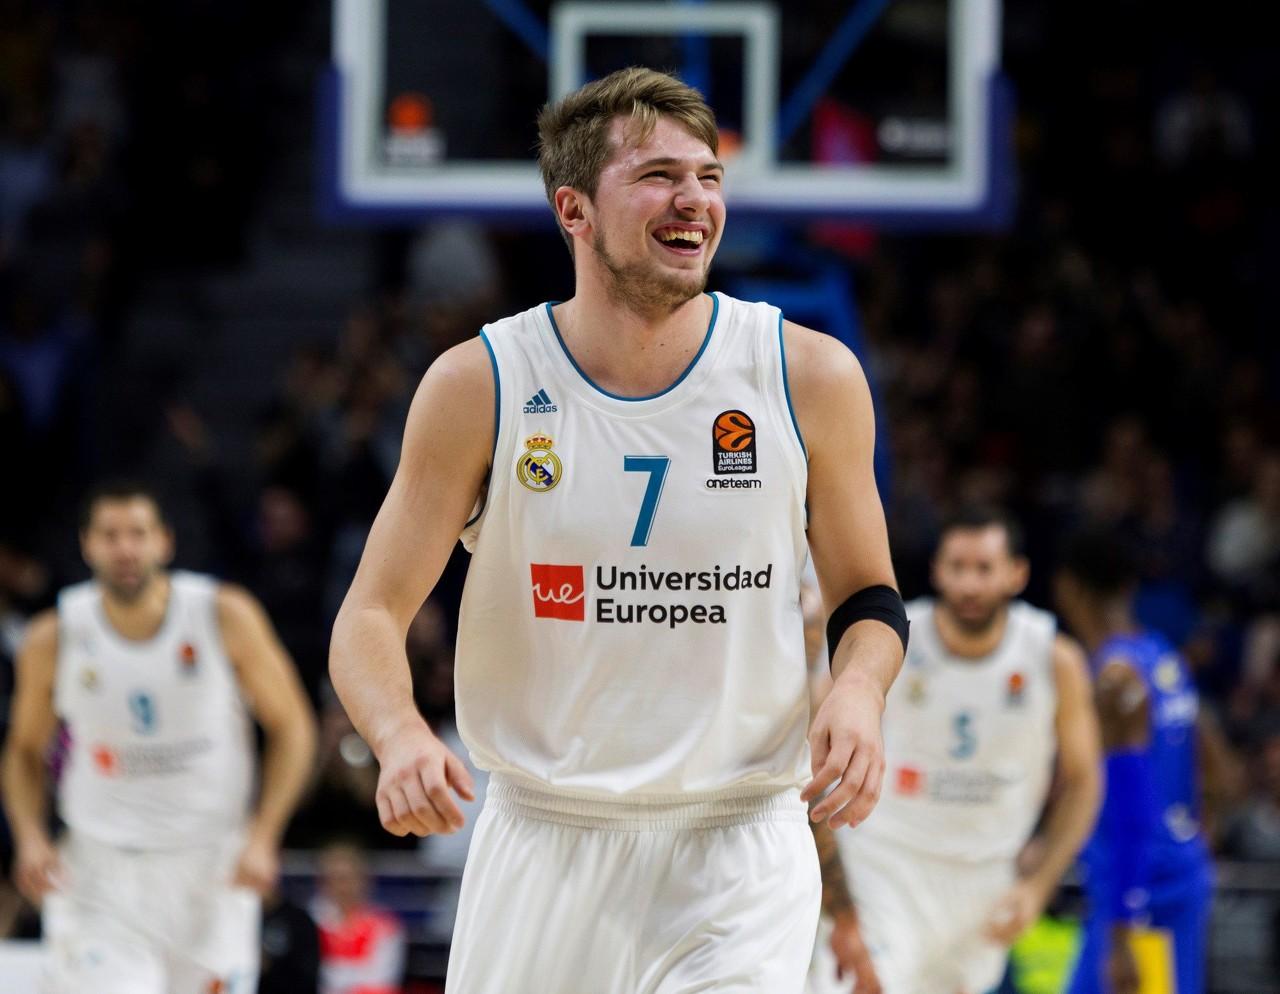 欧洲篮球联赛近10年最佳阵容:前皇马新星东契奇入选